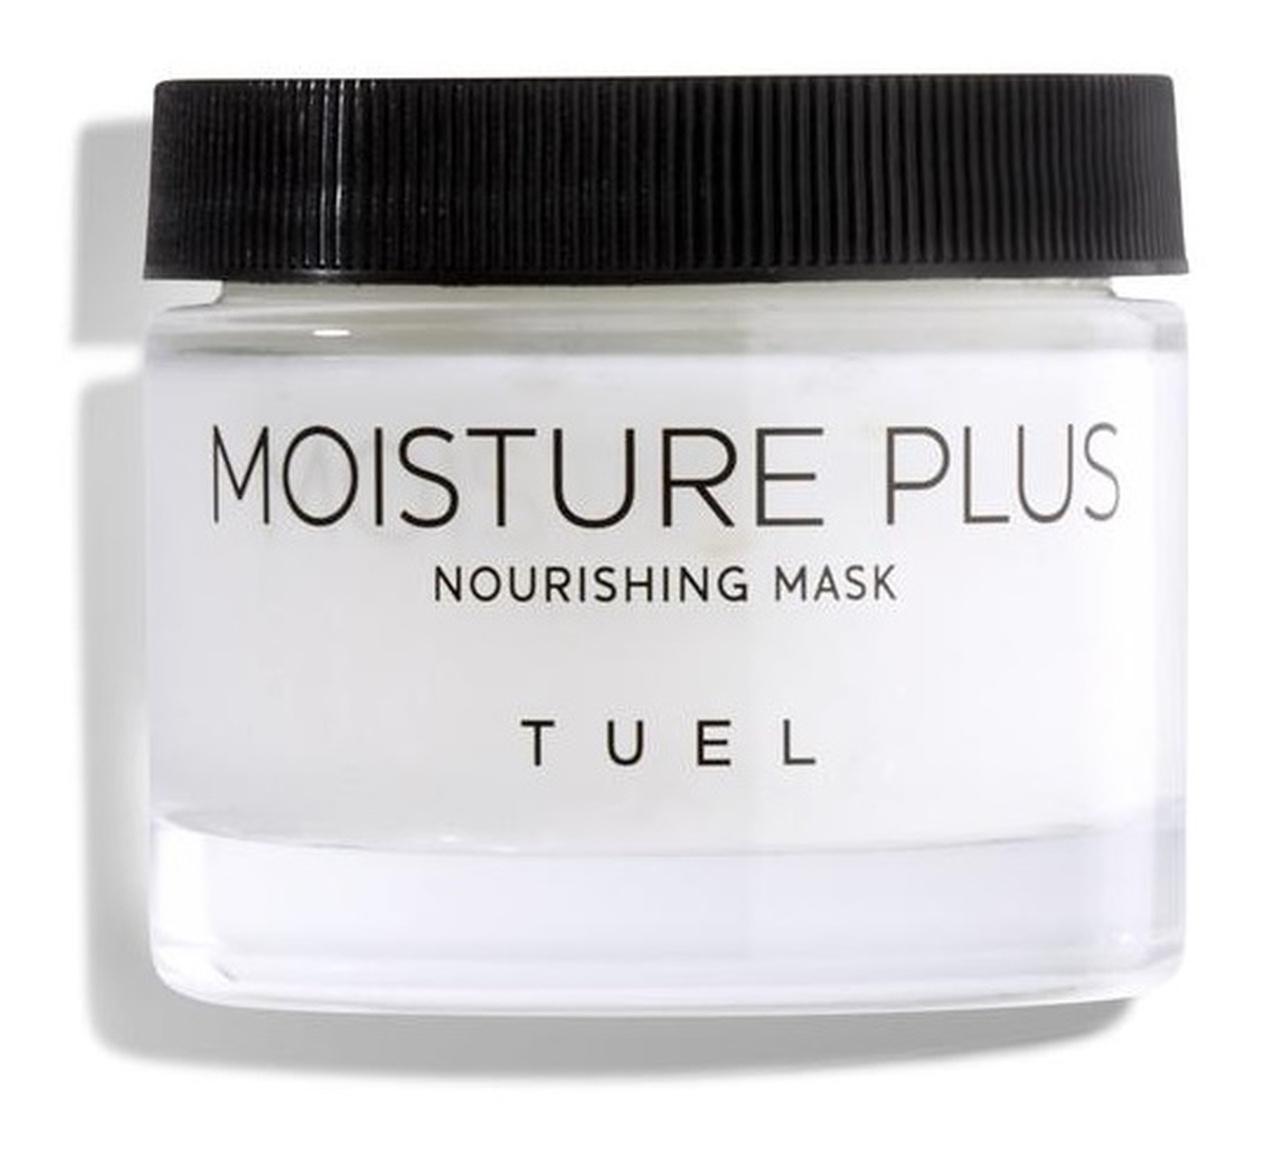 Tuel Moisture Plus Nourishing Mask